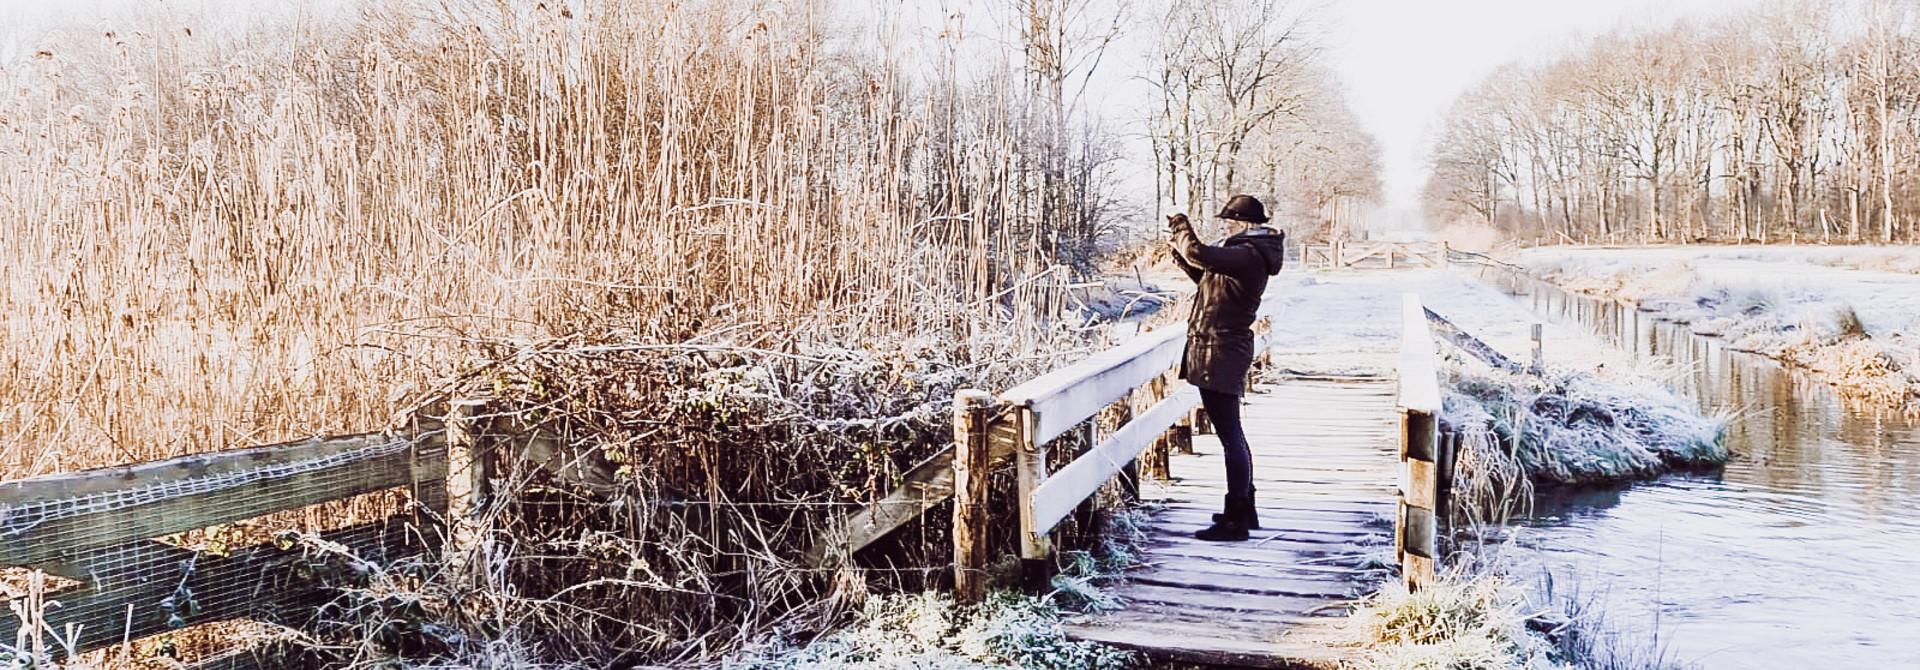 Ein schöner Morgen mit den Hunden im holländischen Winterwunderland